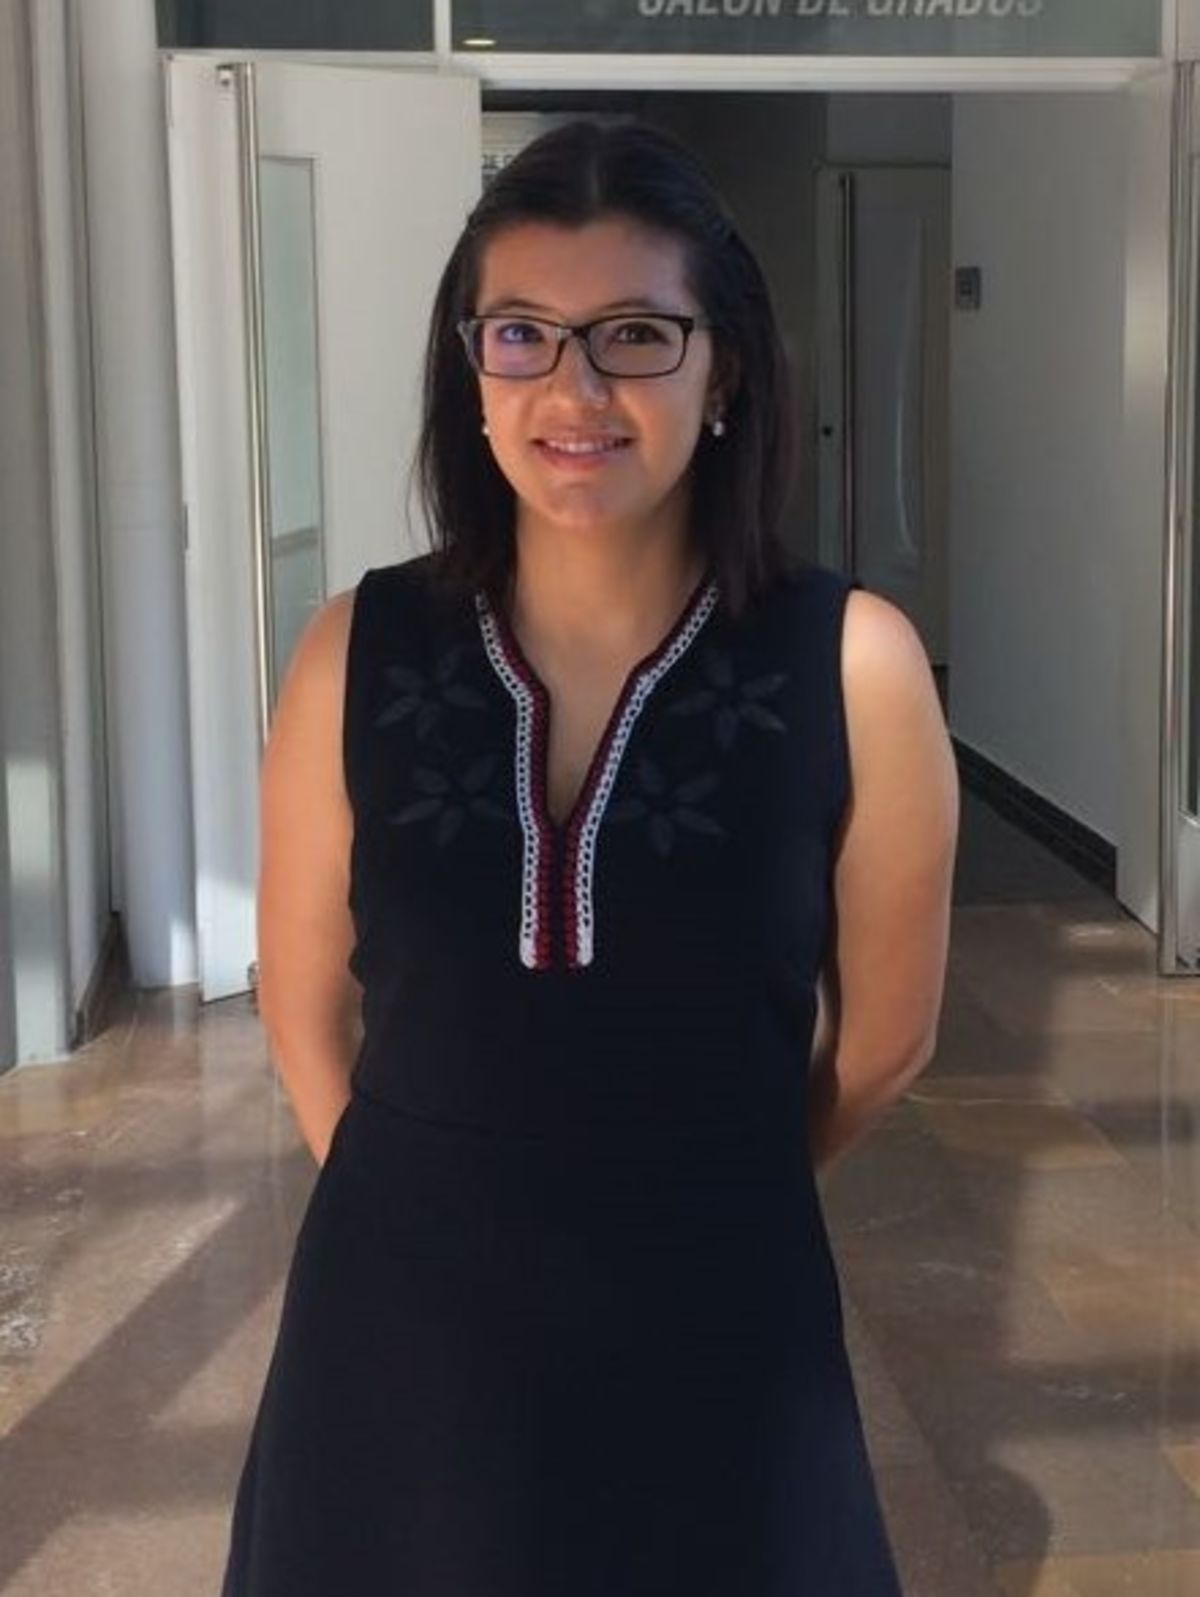 Larisha Cisneros Reyes